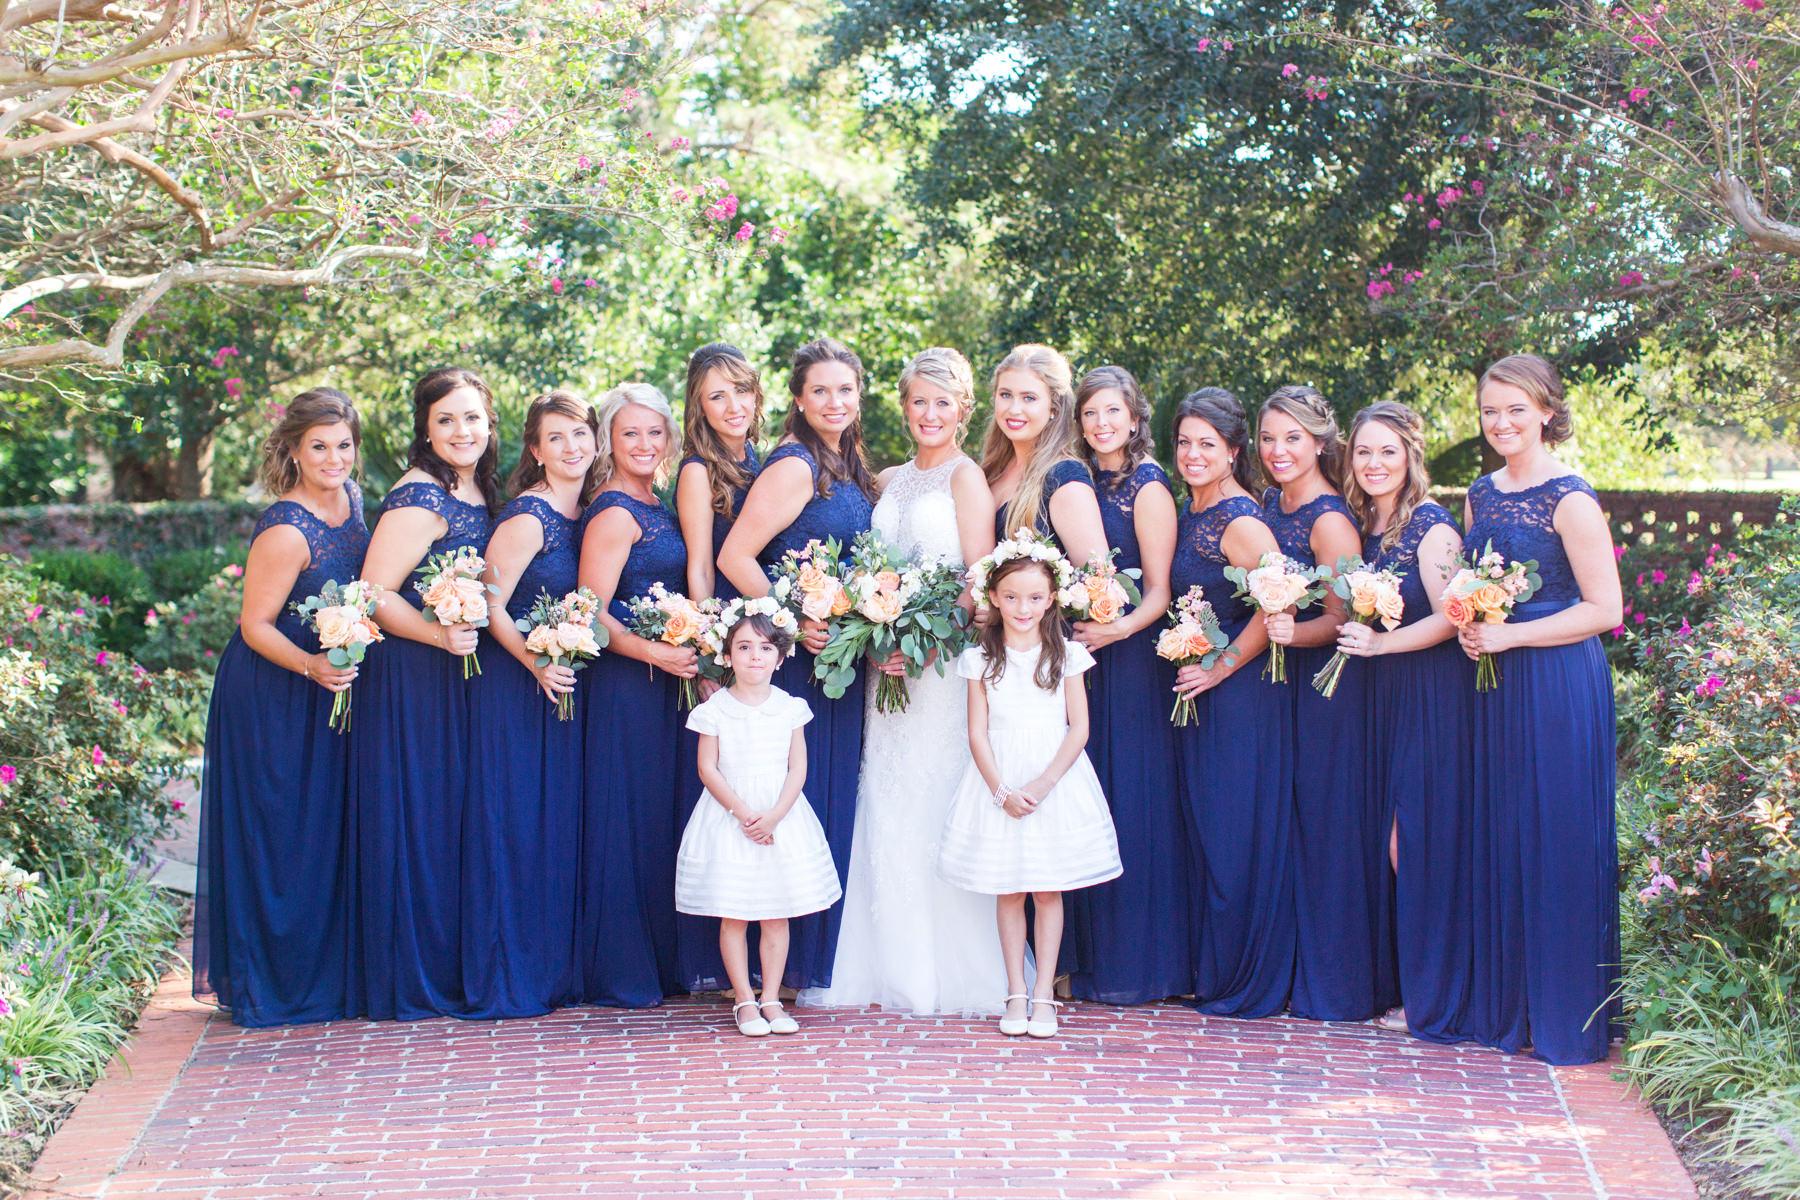 Wedding Party with Flowergirls.jpg